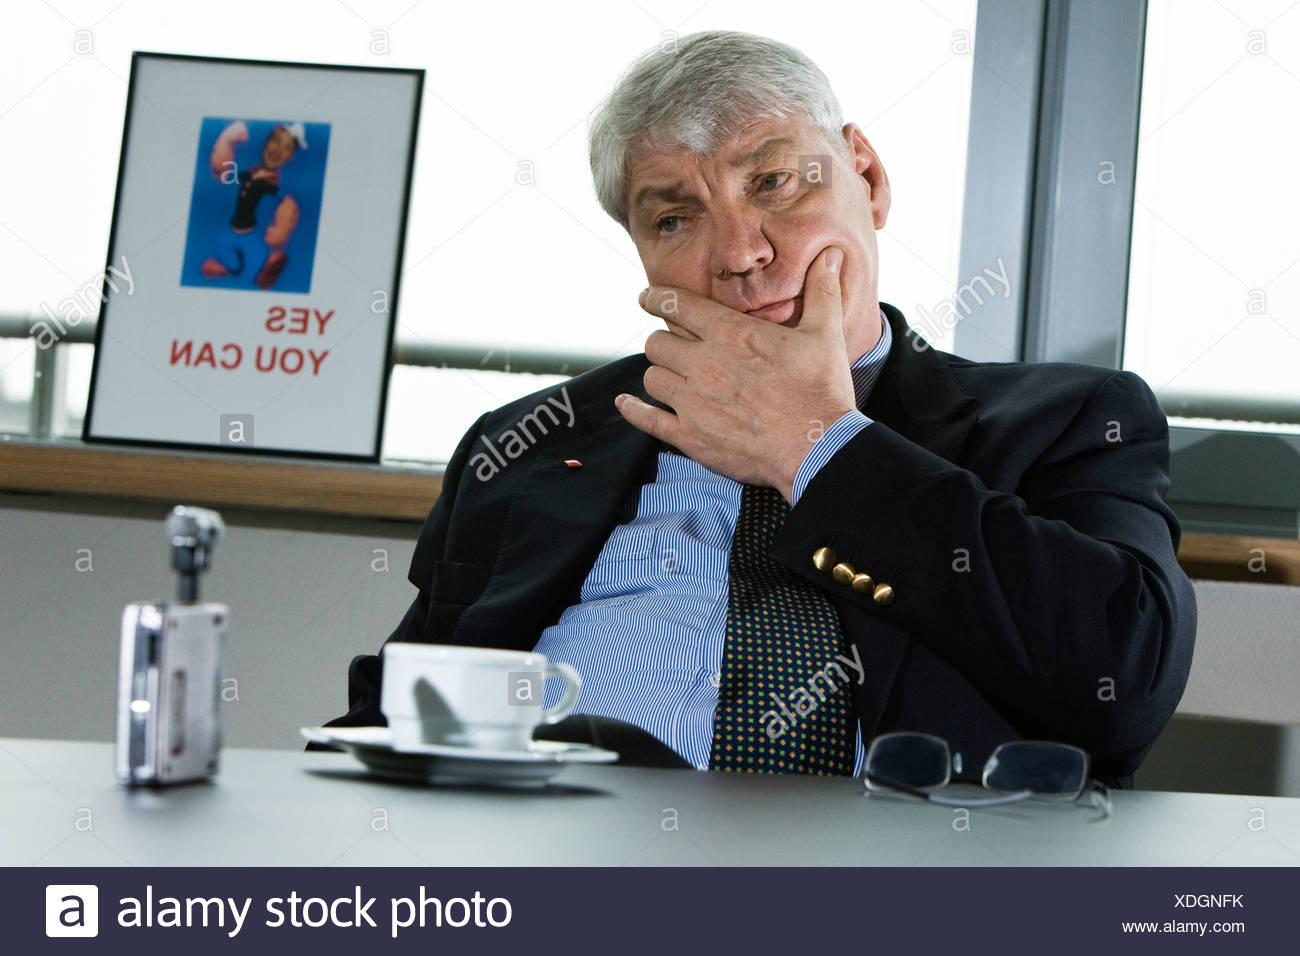 Michael Sommer, Vorsitzender des DGB, in Interview, Berlin, Deutschland, Europa Stockbild